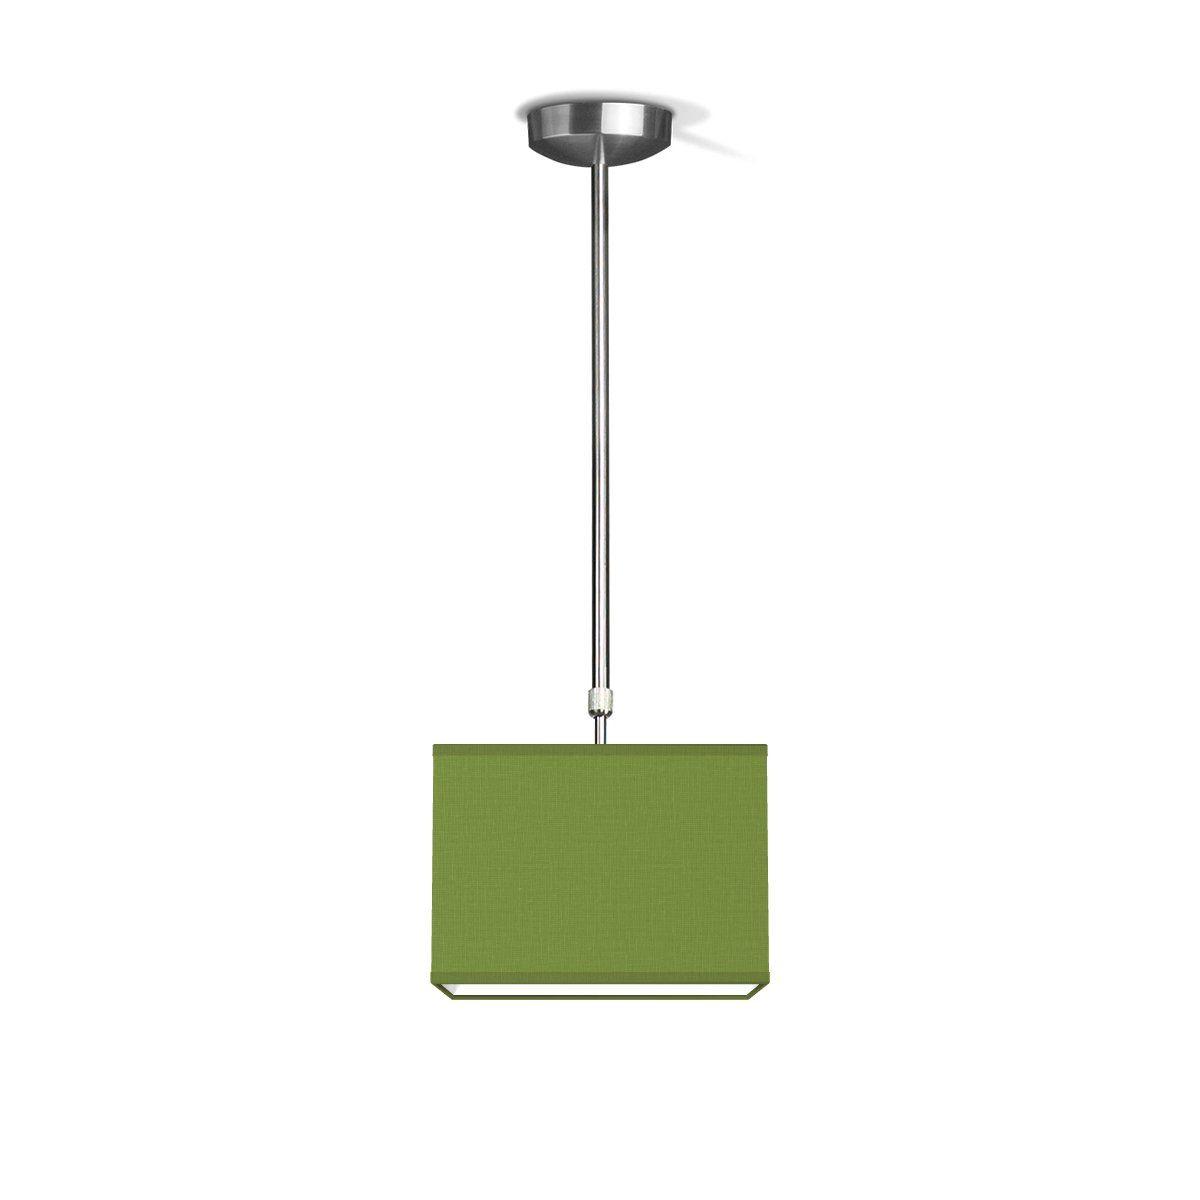 hanglamp fix block ↔ 25 cm - groen